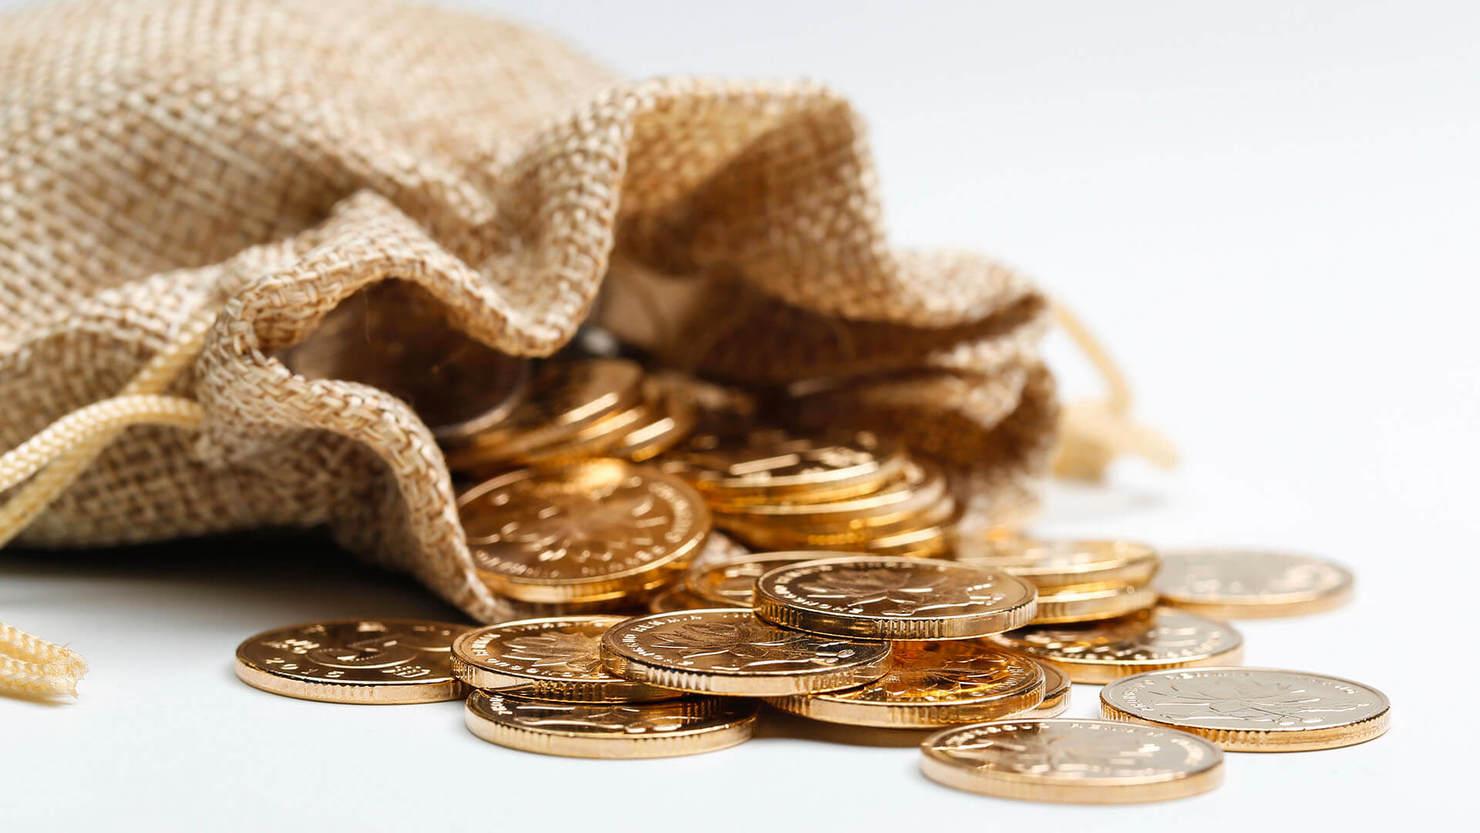 comment-proteger-son-argent-en-cas-de-crise-financiere-2